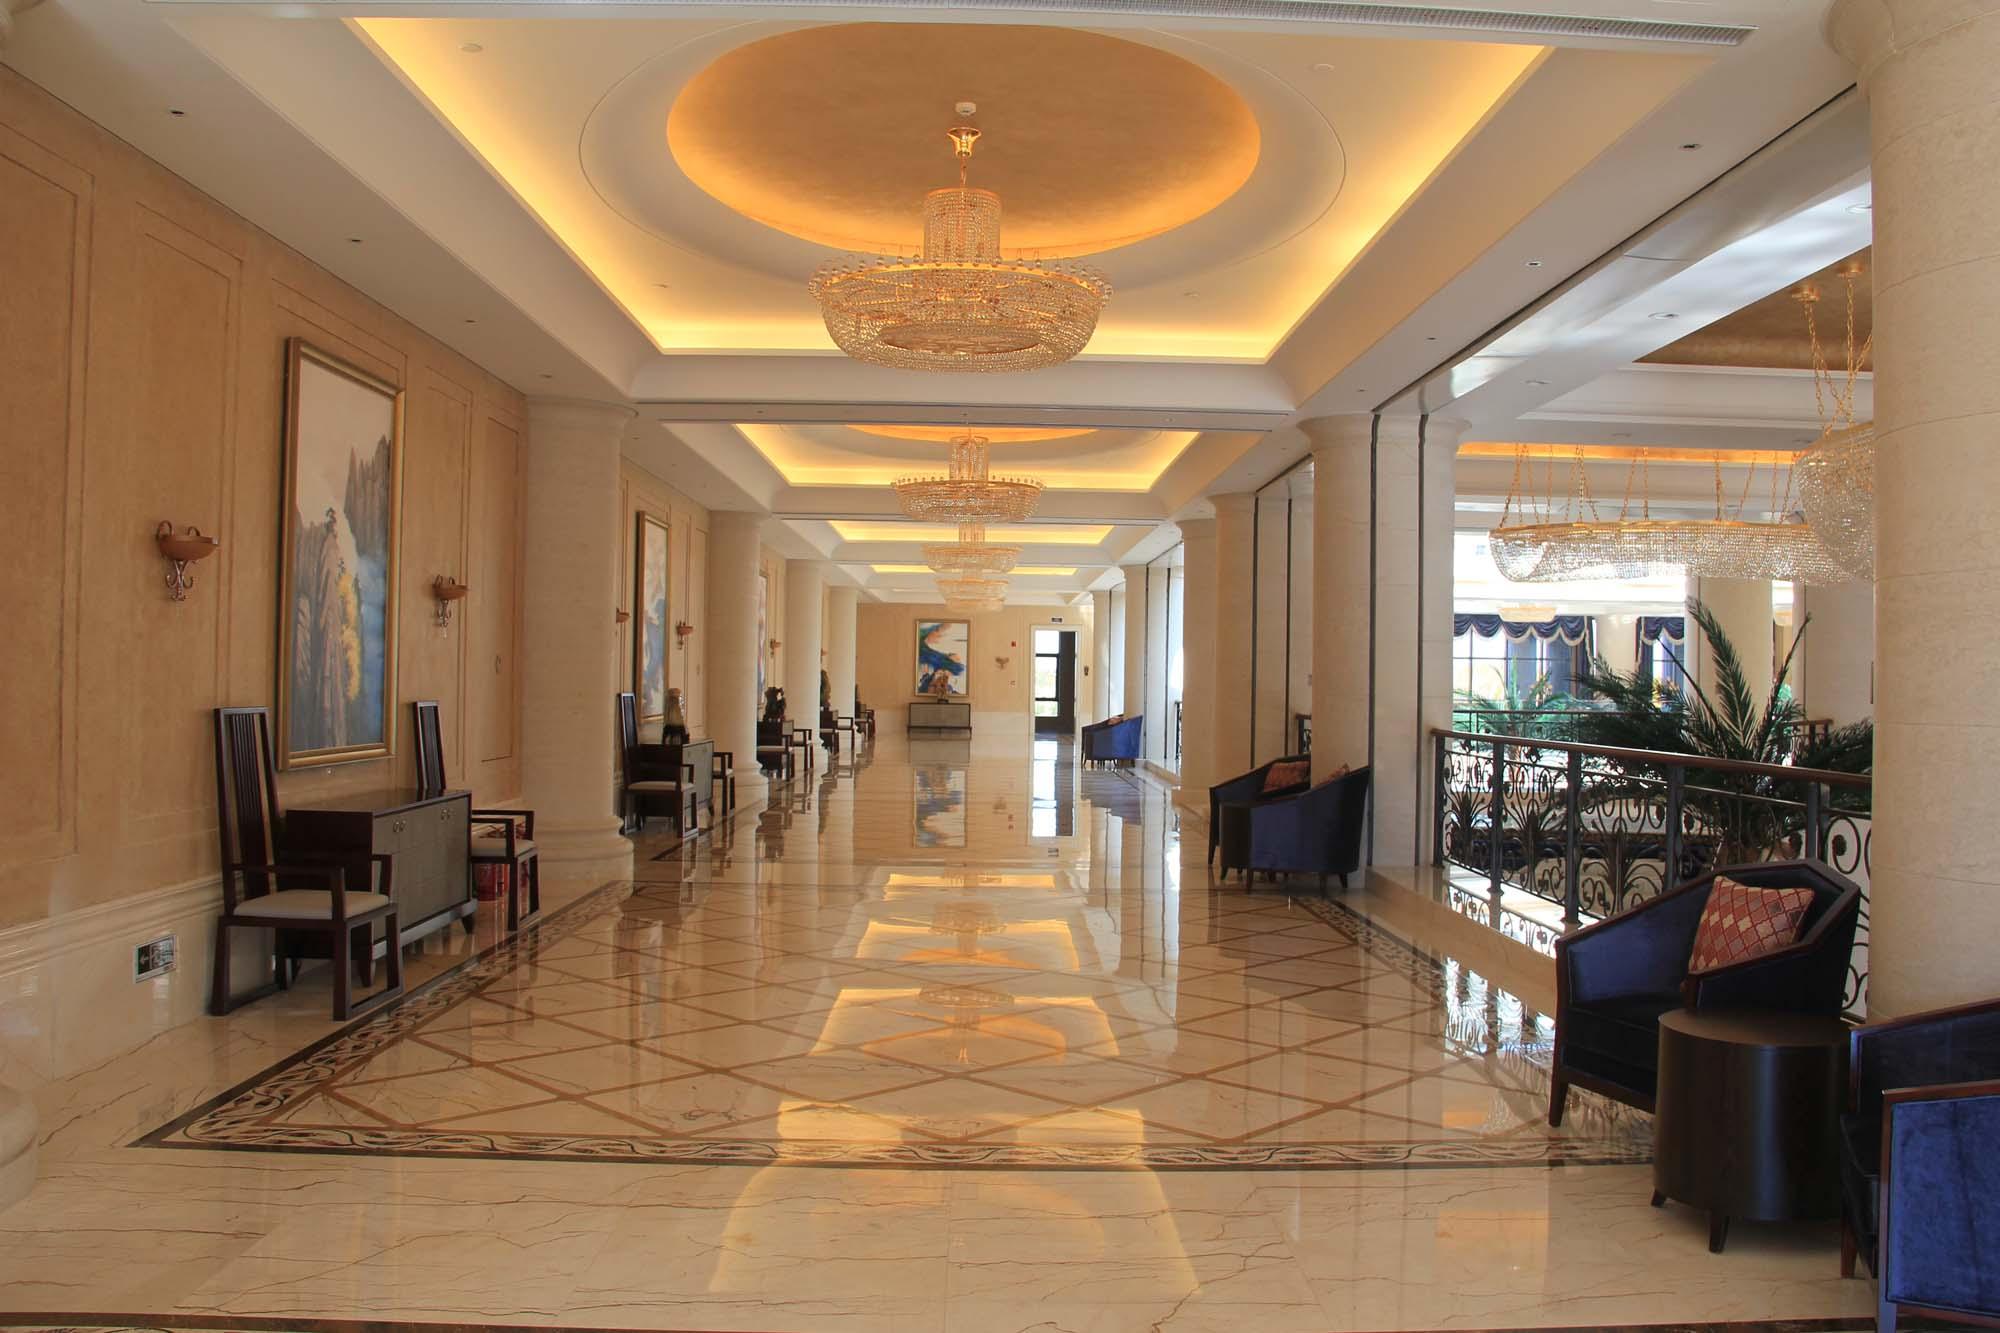 全国总工会在黑龙江省哈尔滨市太阳岛西区组织建设的